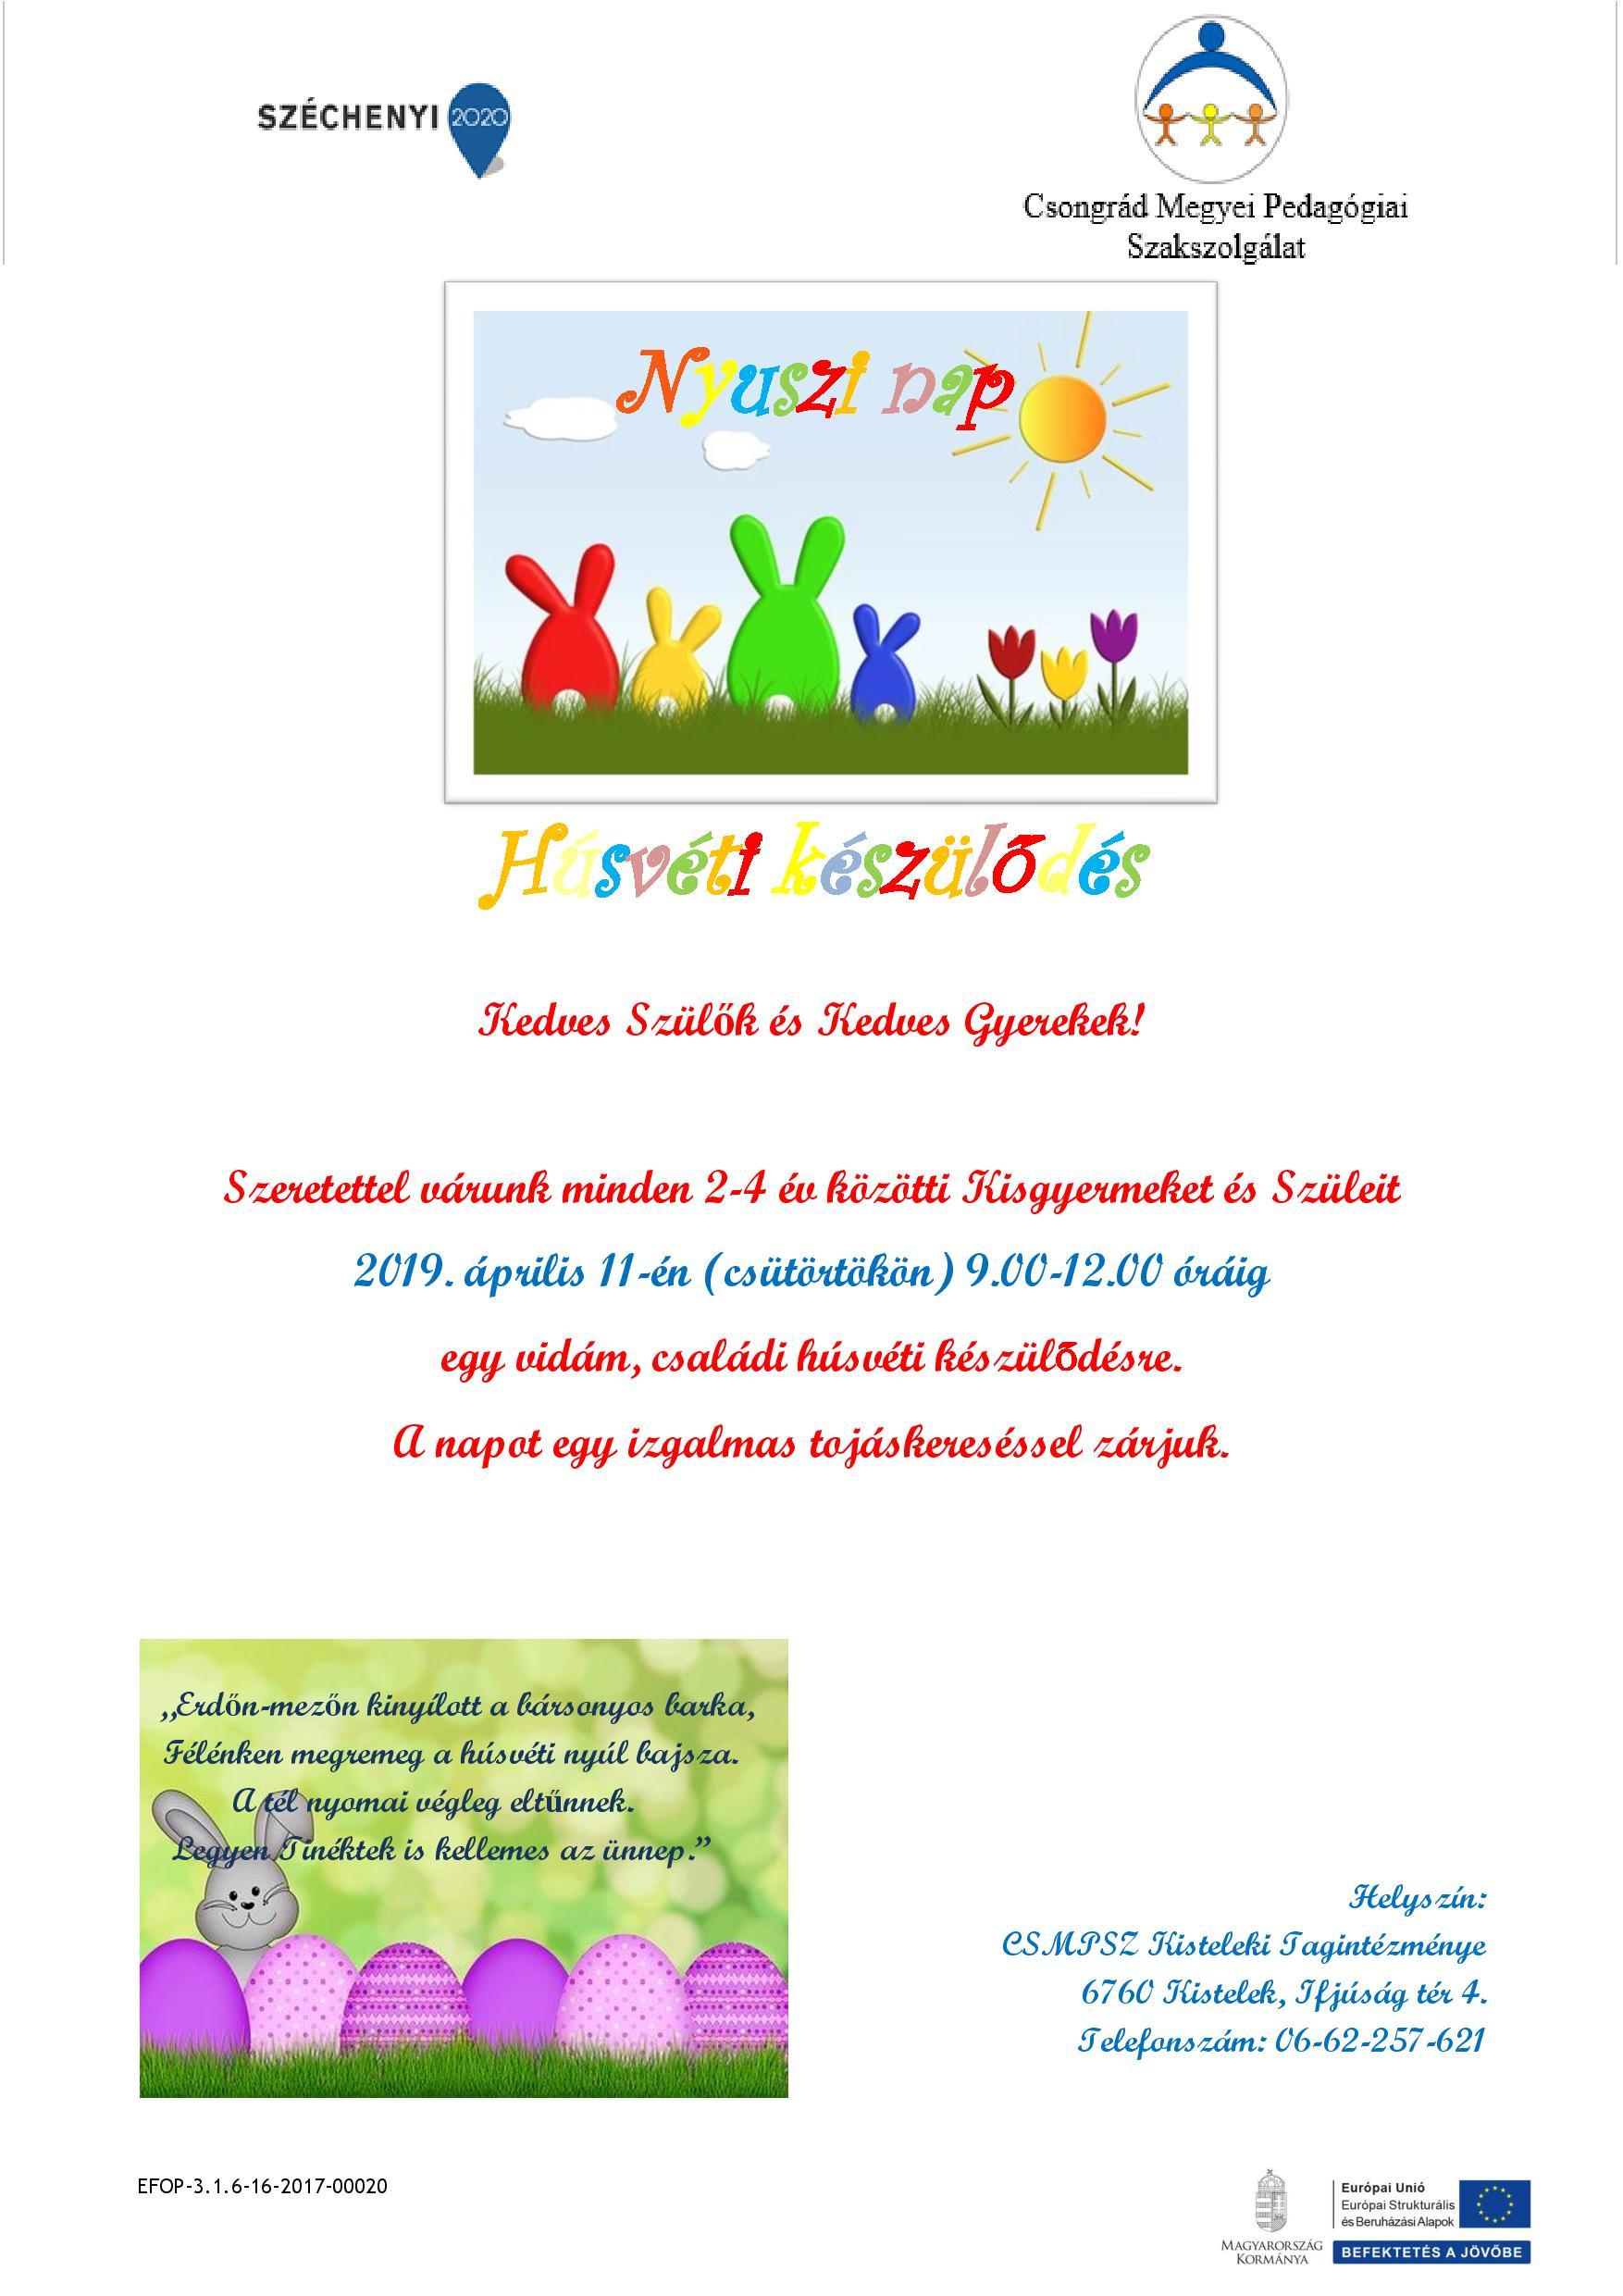 PLAKÁT-Húsvéti családi nap-page-001